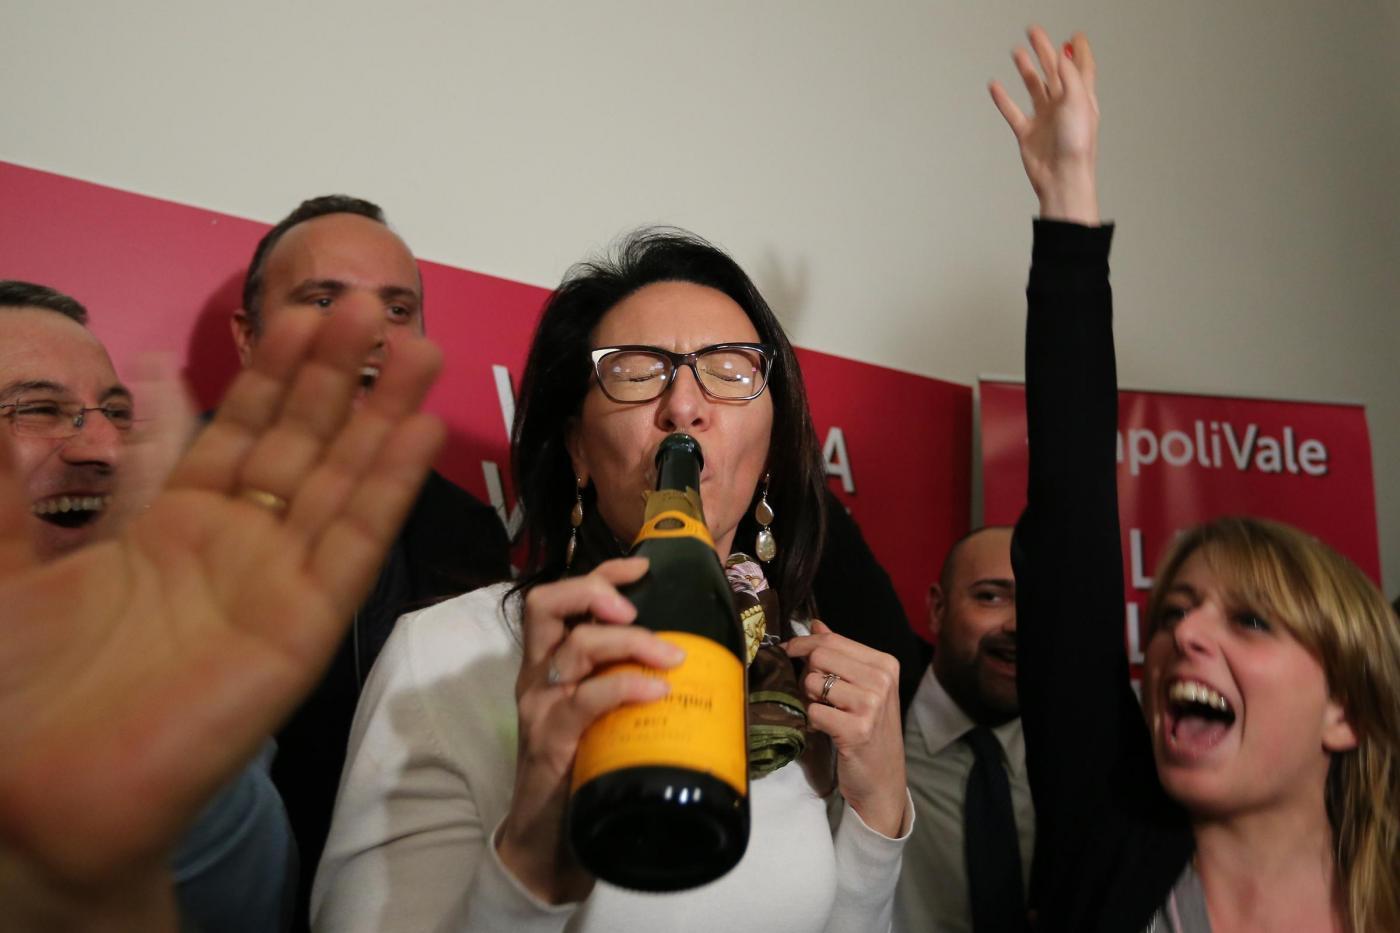 Valeria Valente vince le primarie del centro sinistra a sindaco di Napoli